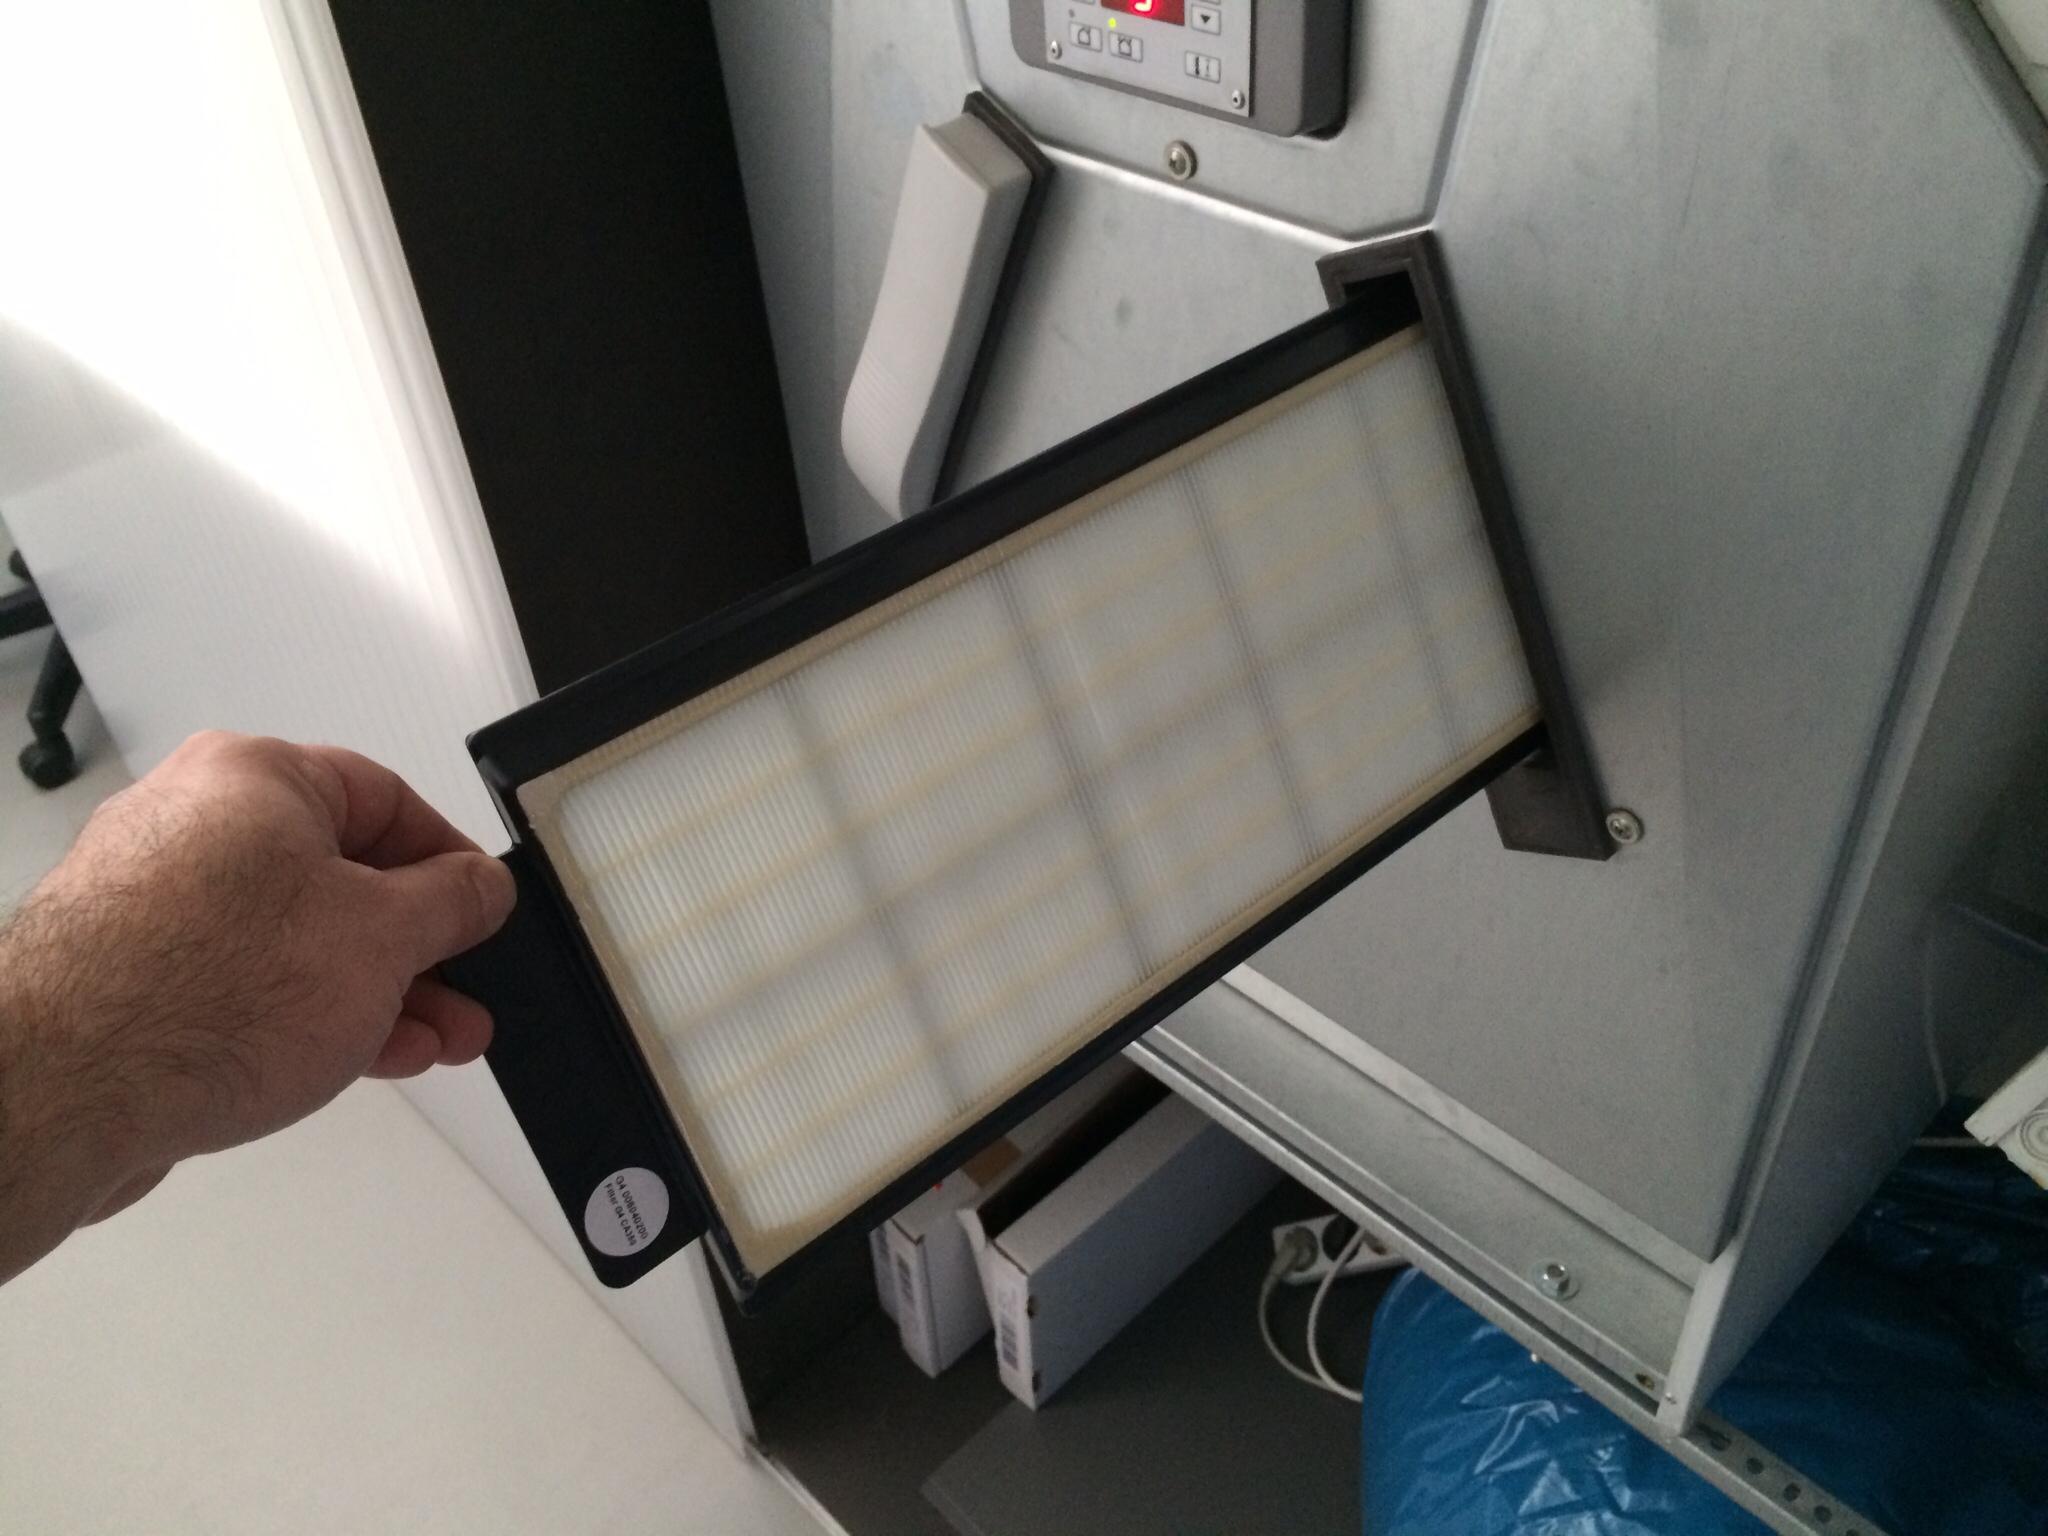 Abluftfilter 2 - Raucher - eingesetzt am 24.02.2014 12:00 Mittag